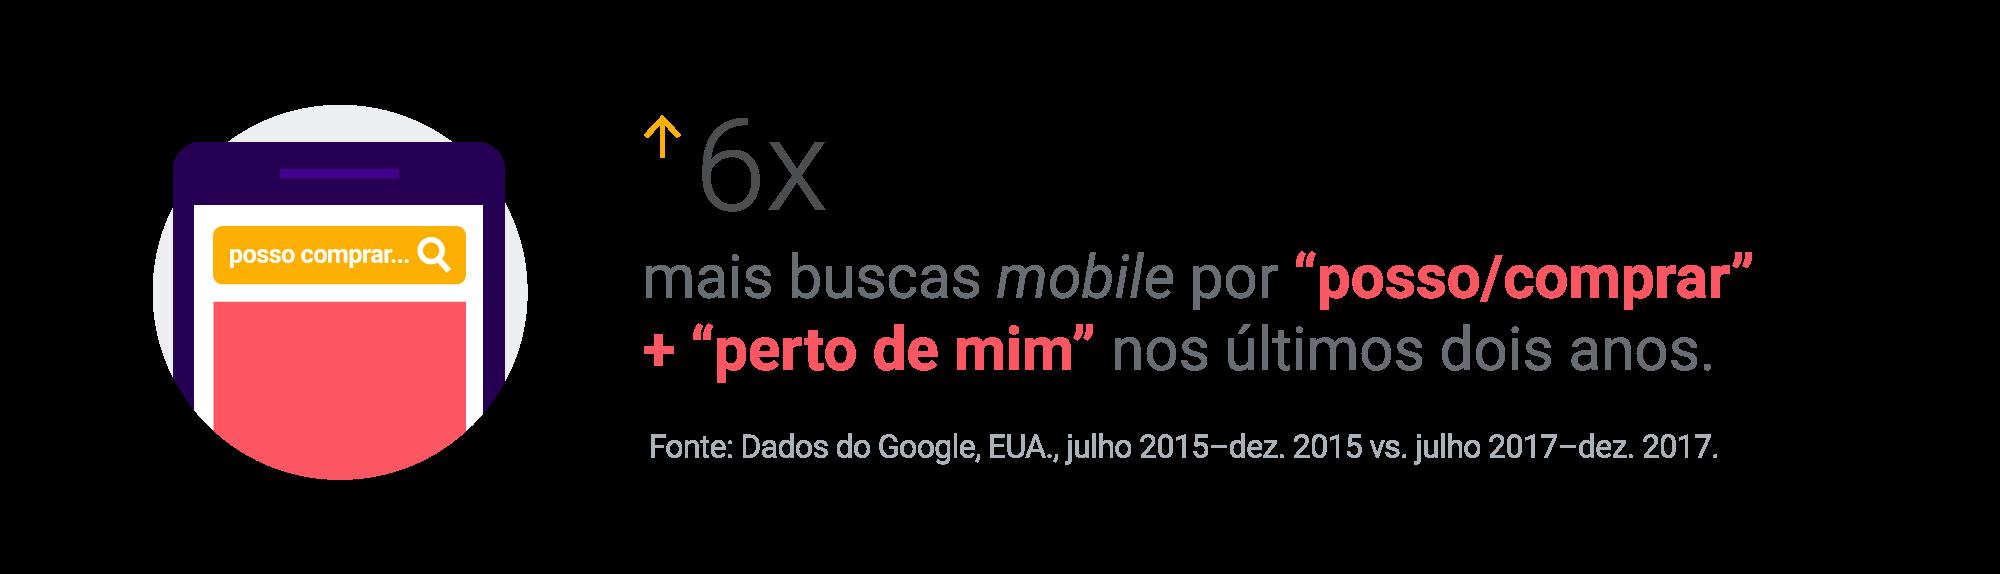 6x mais buscas mobile por 'posso/comprar' + 'perto de mim' nos últimos dois anos.